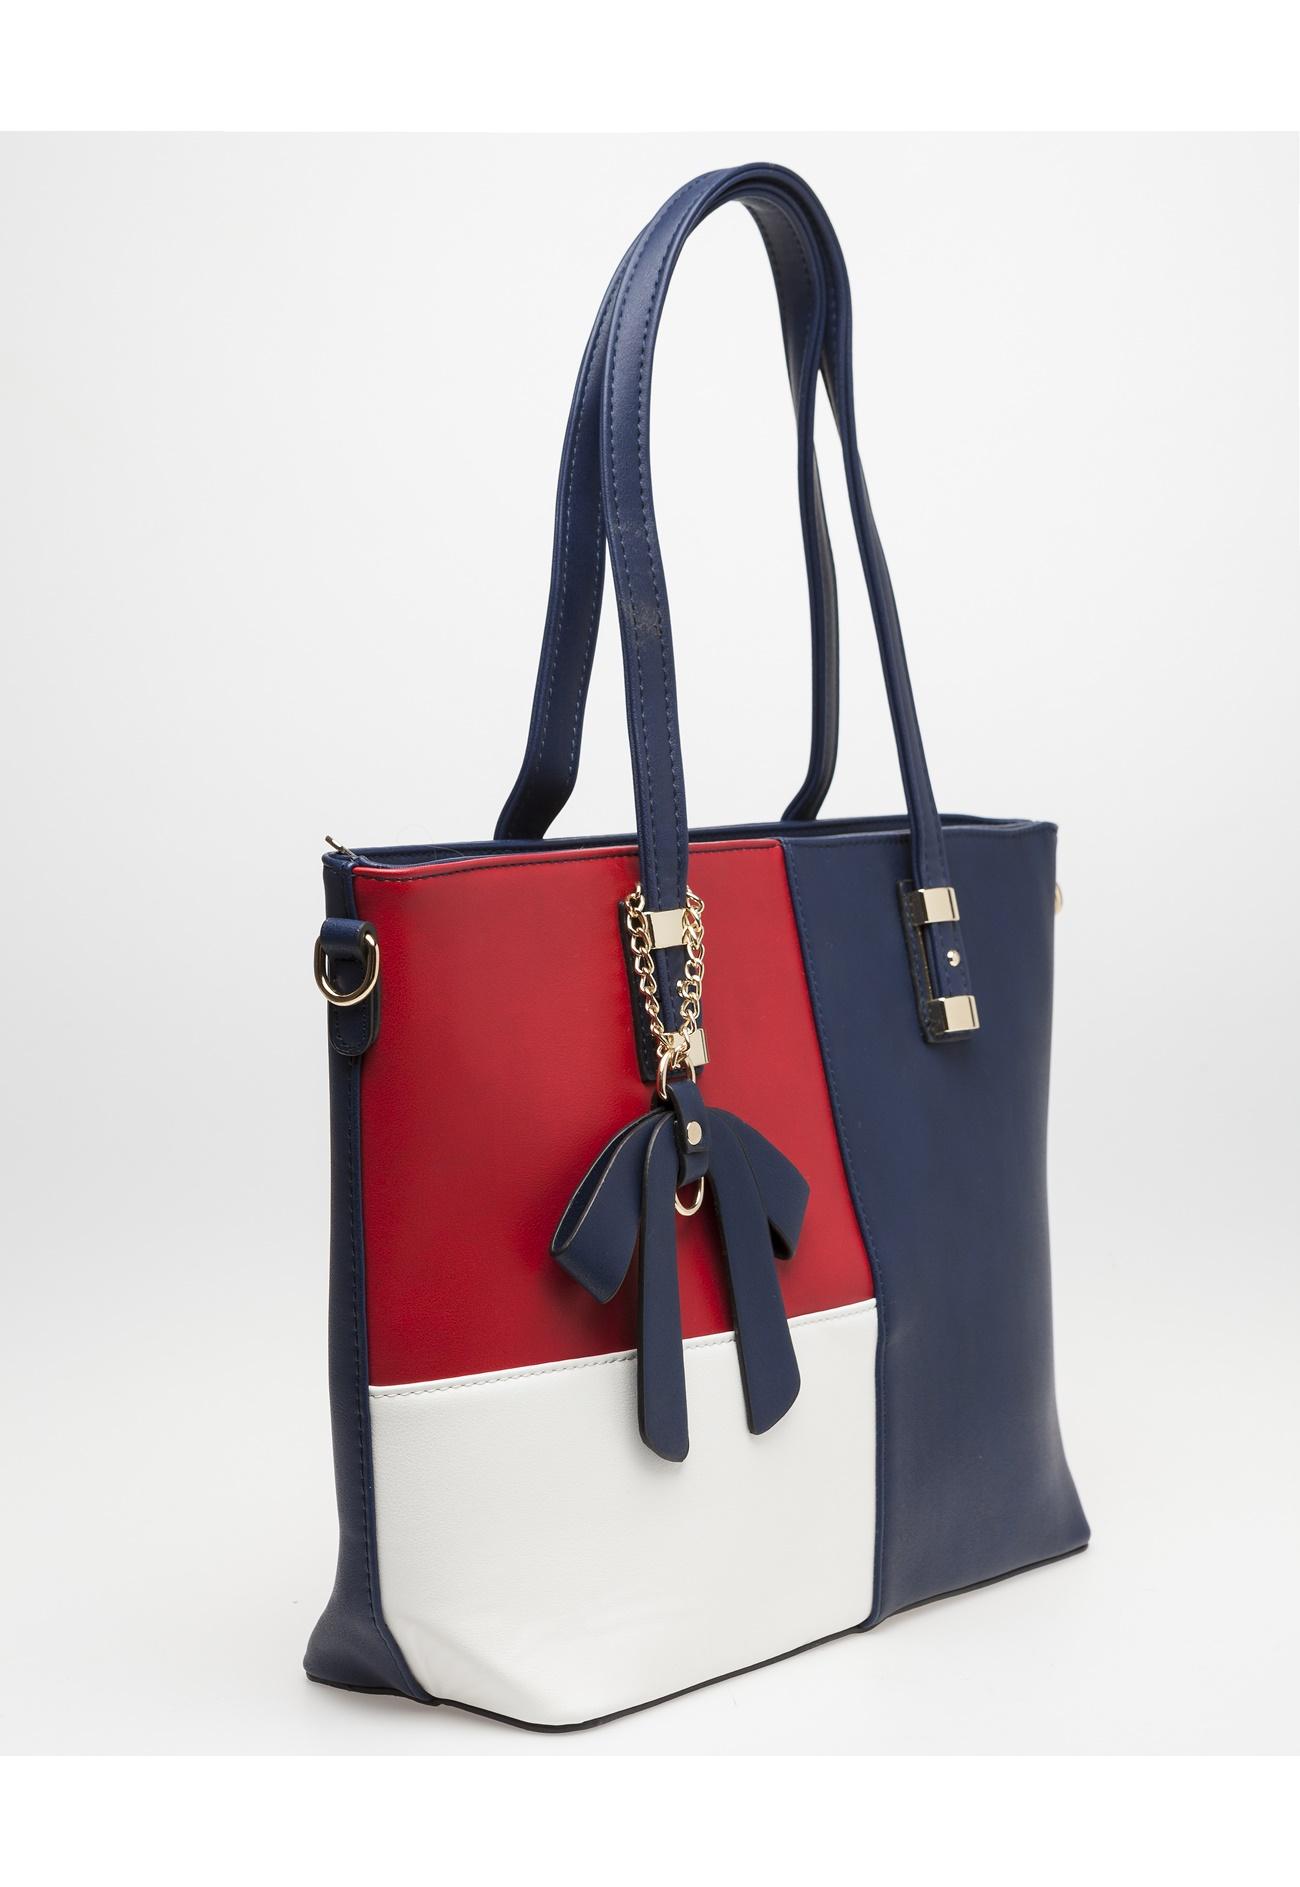 Punainen Käsilaukku : Have k?silaukku camomil punainen valkoinen sininen